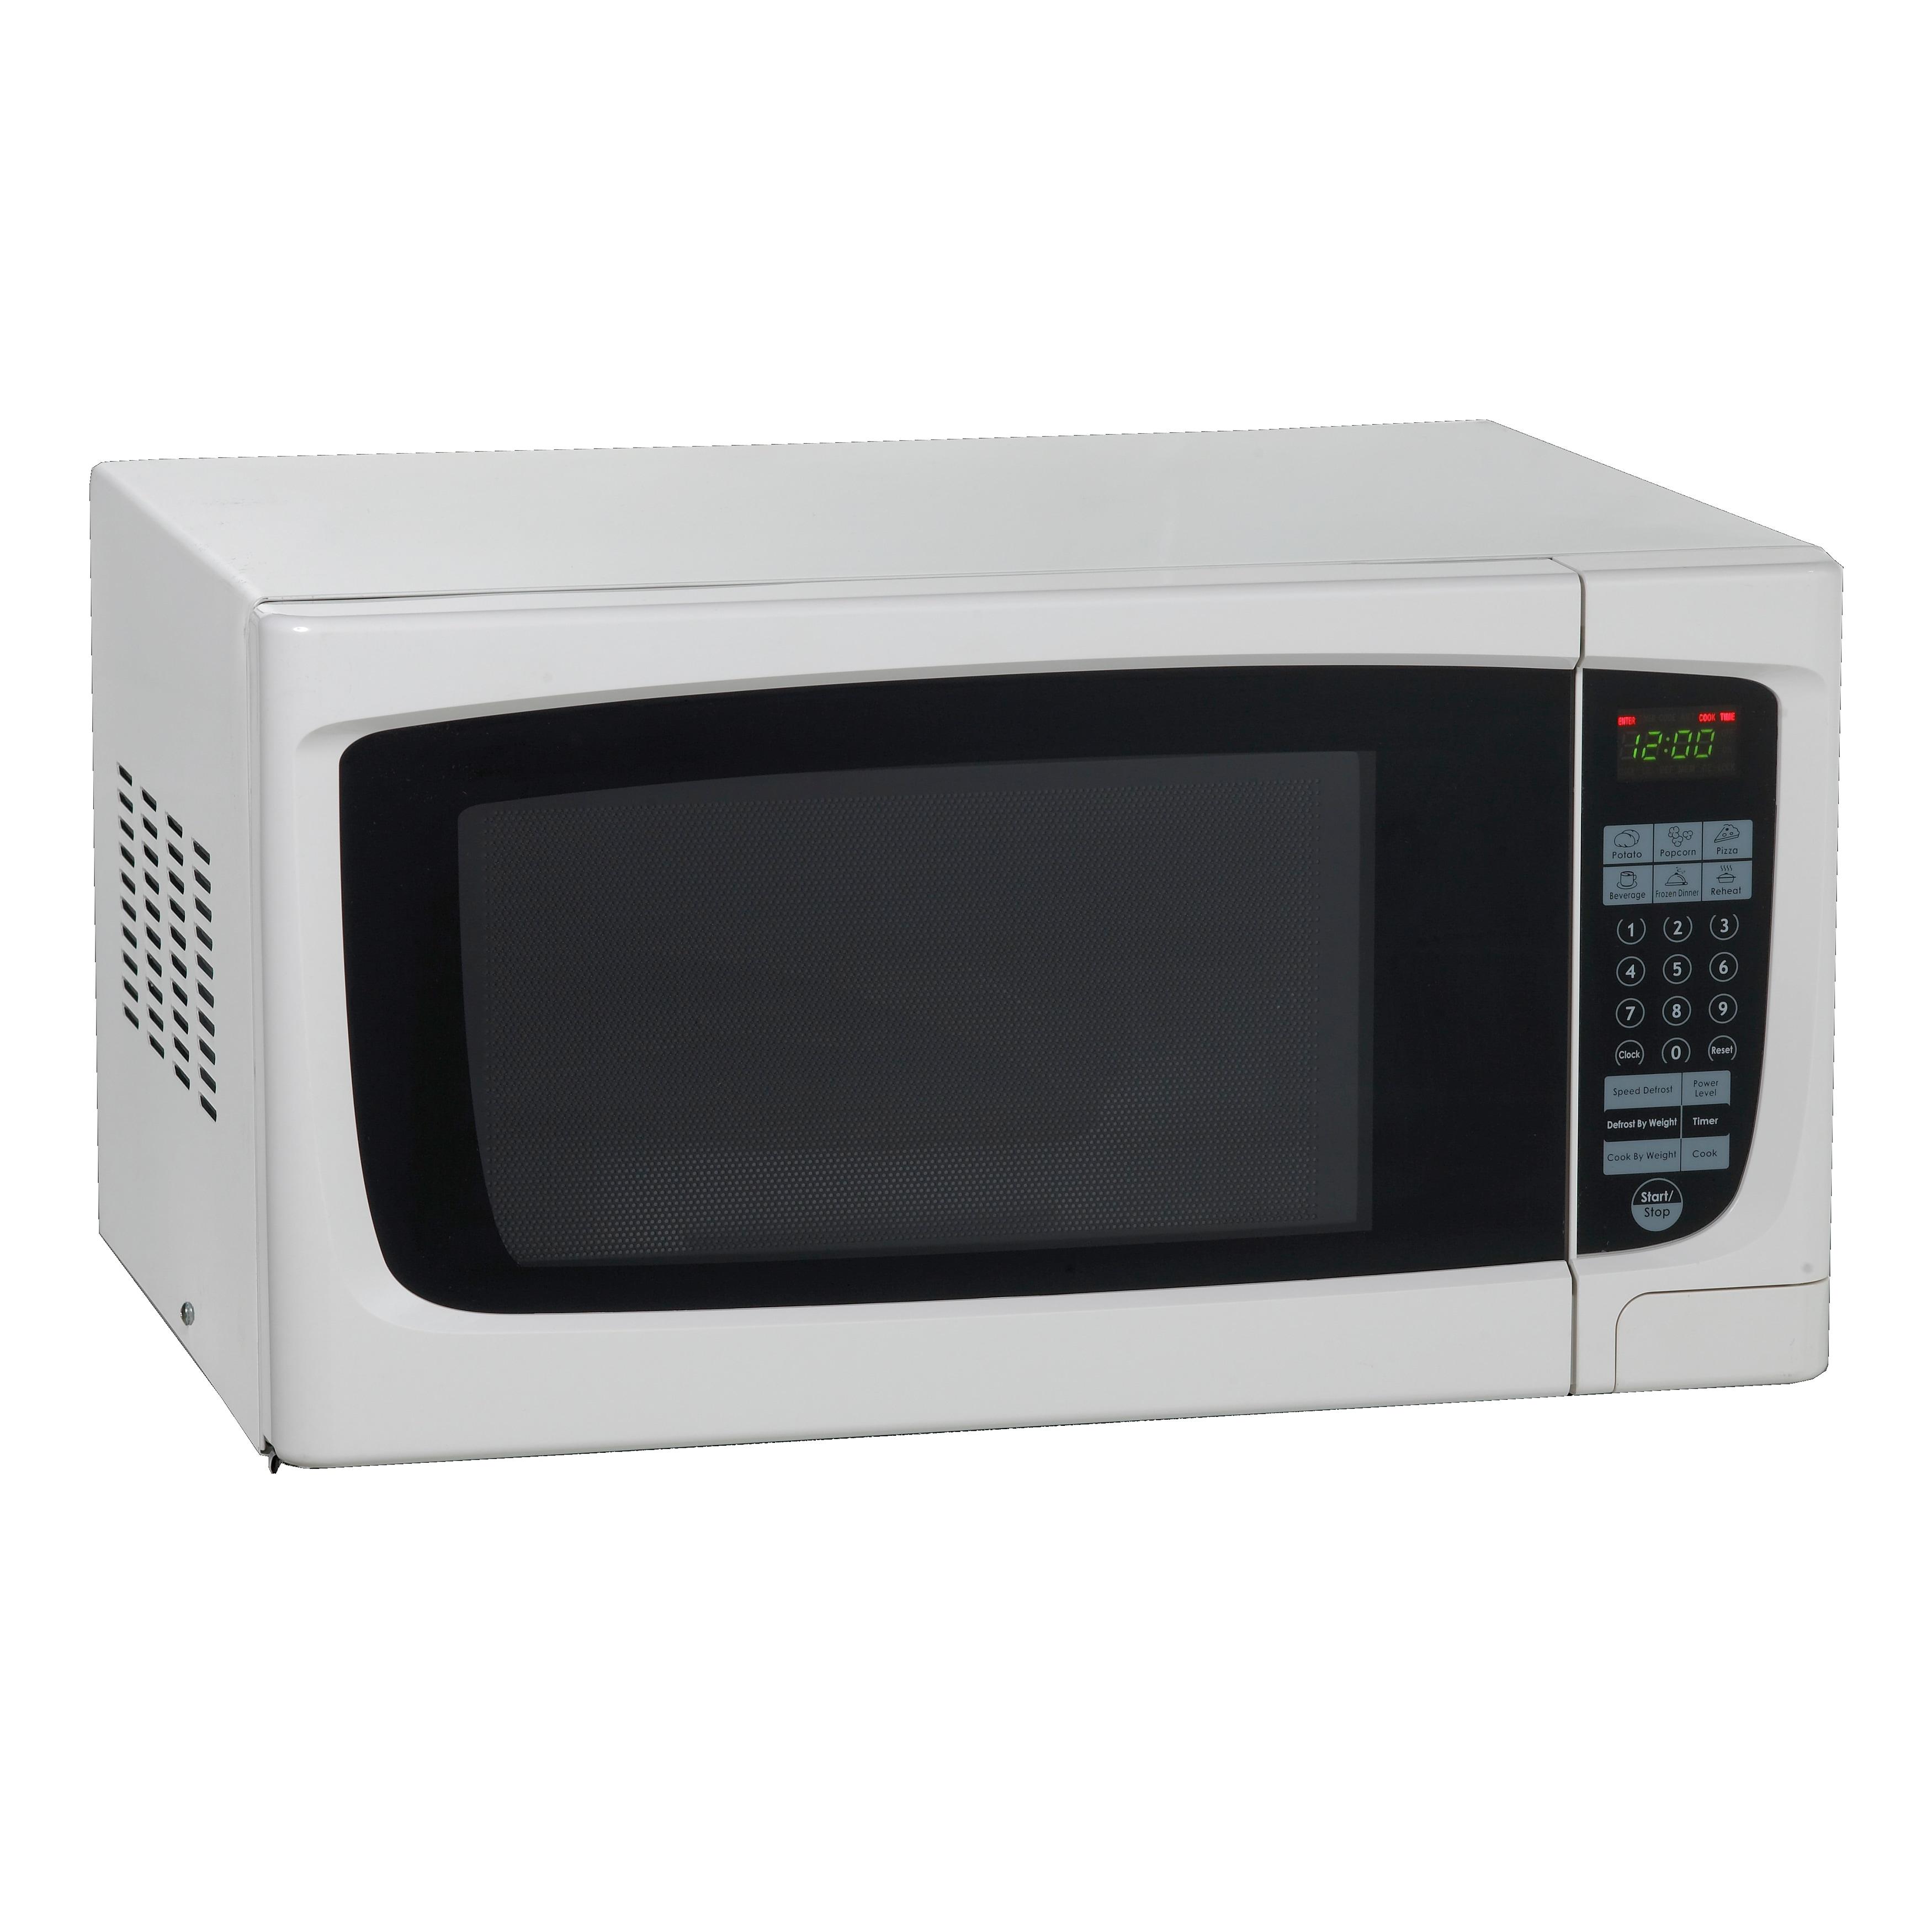 1 4 Cubic Foot Microwave Bestmicrowave